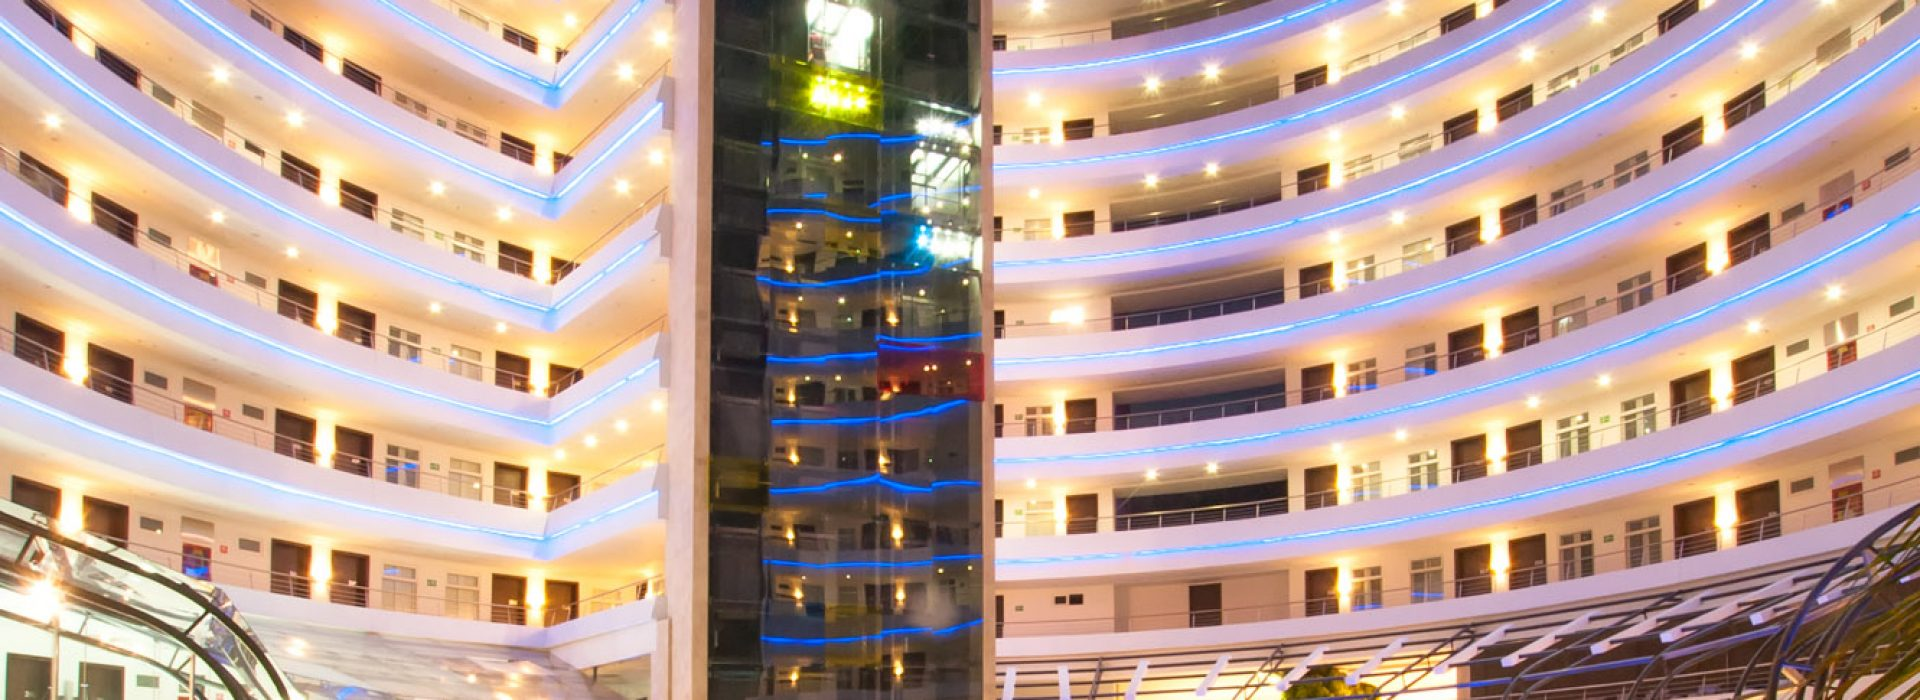 Fachada — © 2013 por Hotel Spiwak, Todos los Derechos Reservados. El Hotel Spiwak está ubicado en el norte de Cali, Colombia, en el Centro Comercial Chipichape, sobre la Avenida Sexta. Teléfono +57 (2) 395 9949, Avenida 6 D # 36 N-18, Más información en la página web del Hotel http://www.spiwak.com // Fotografía 360 de hoteles: Mario Carvajal (http://www.mariocarvajal.com) y Alejandro Carvajal (http://www.hotelescolombia360.com). Otro proyecto, Astrolabio. (http://www.astrolabio.com.co)